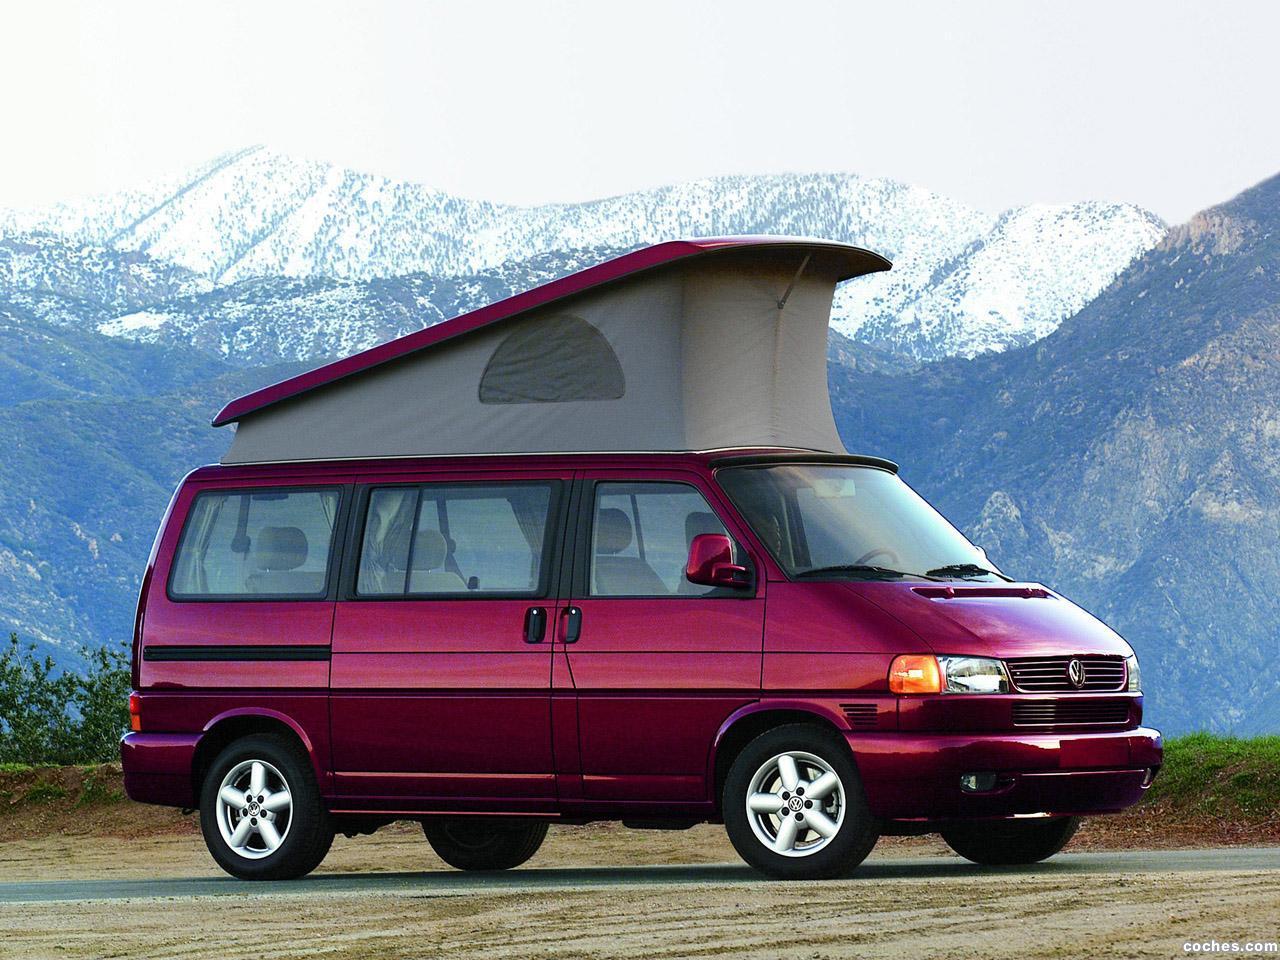 1000 images about eurovan camper on pinterest eurovan. Black Bedroom Furniture Sets. Home Design Ideas